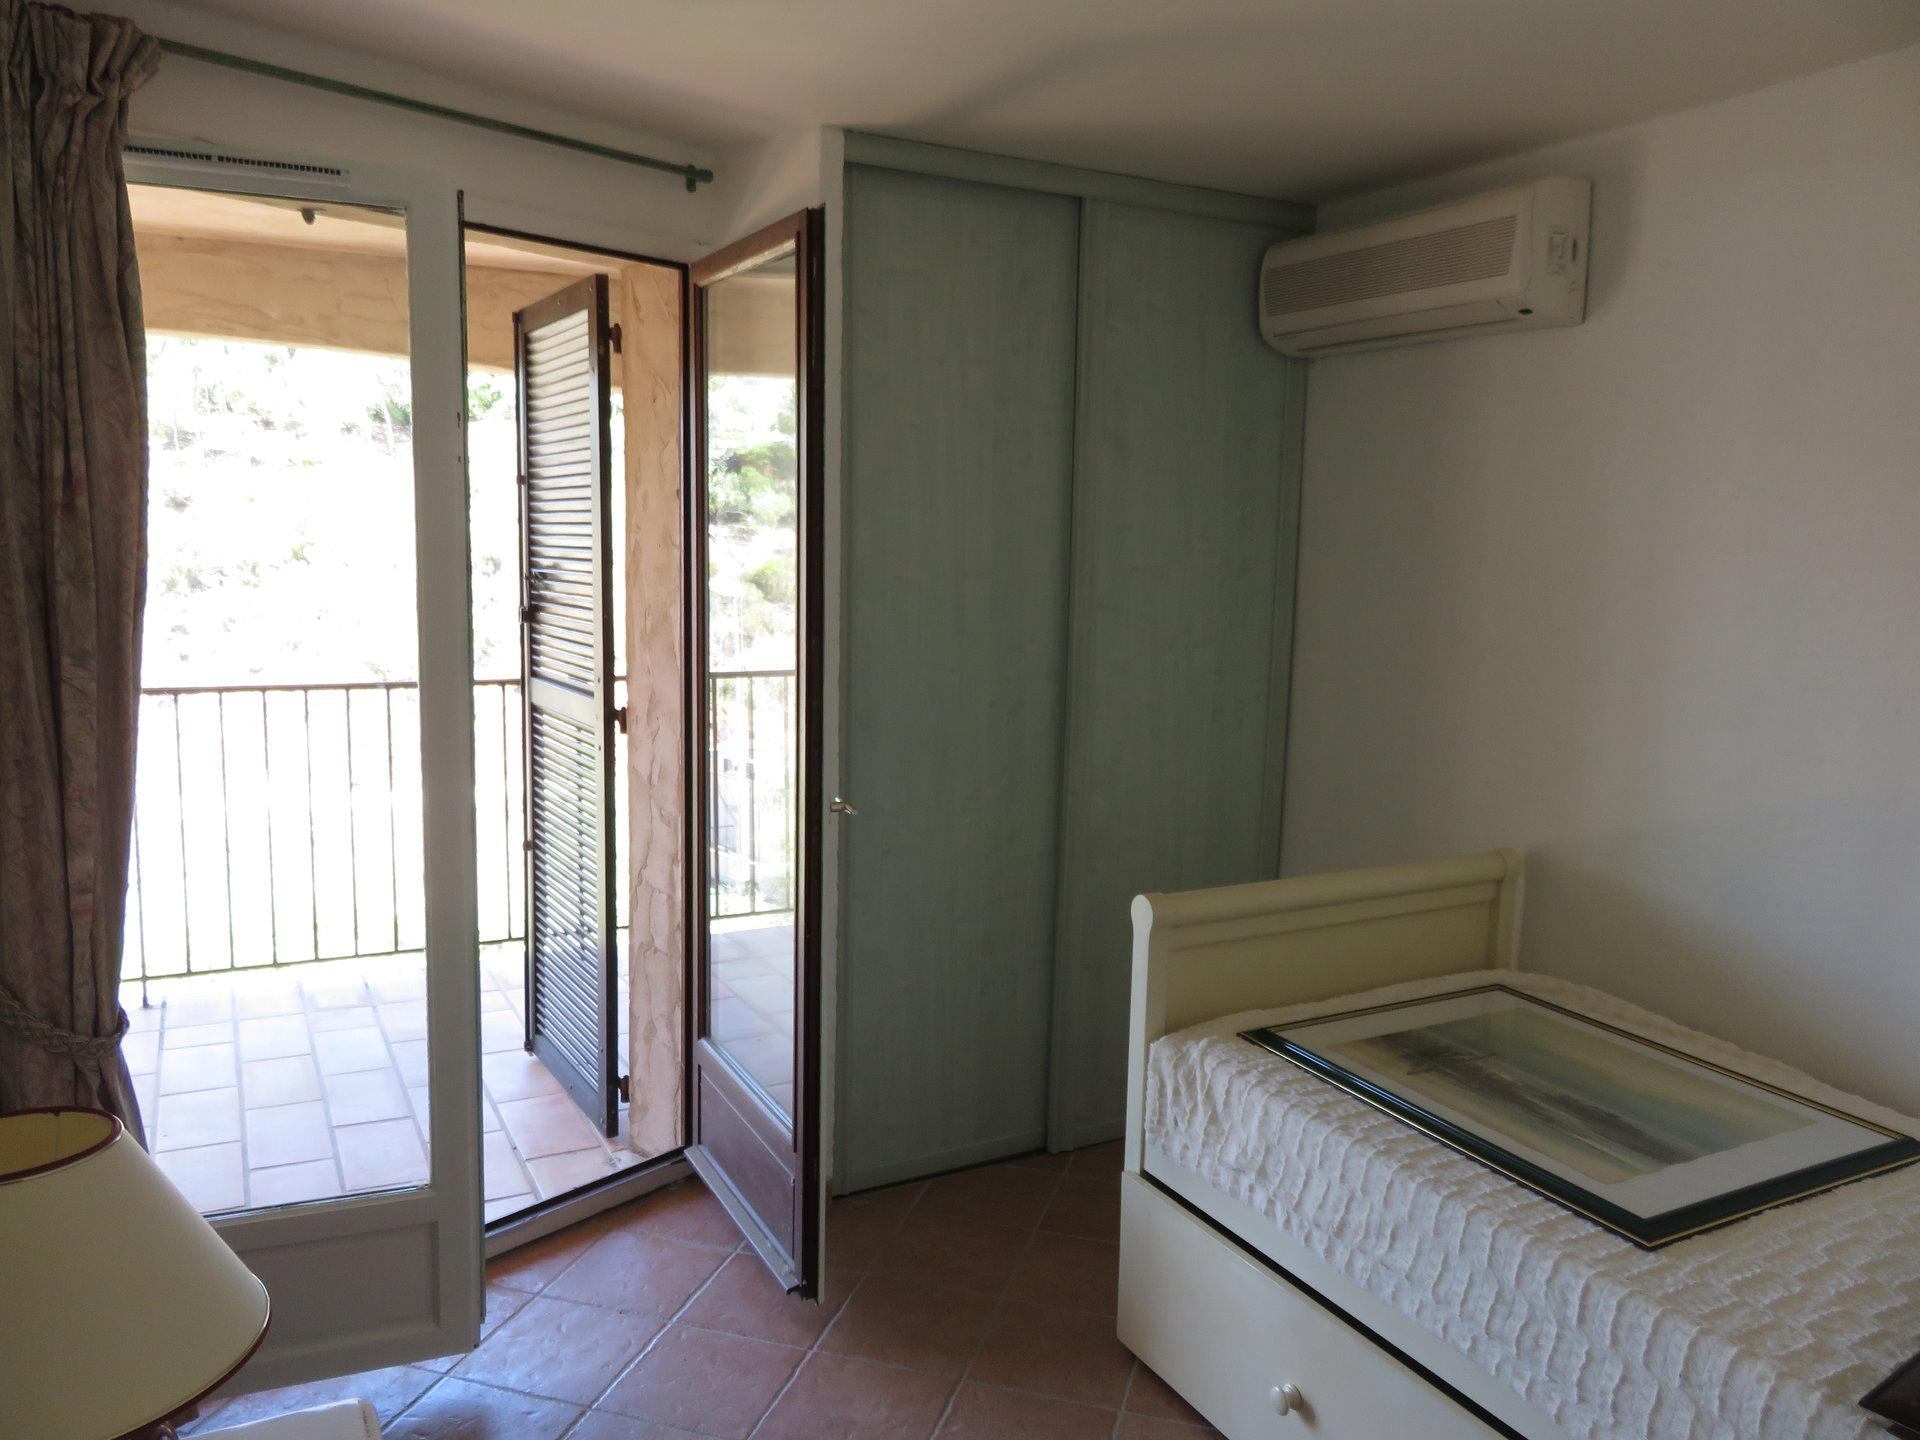 Appartement 3 Semi eingerichtete Zimmer mit Terrassen und parking